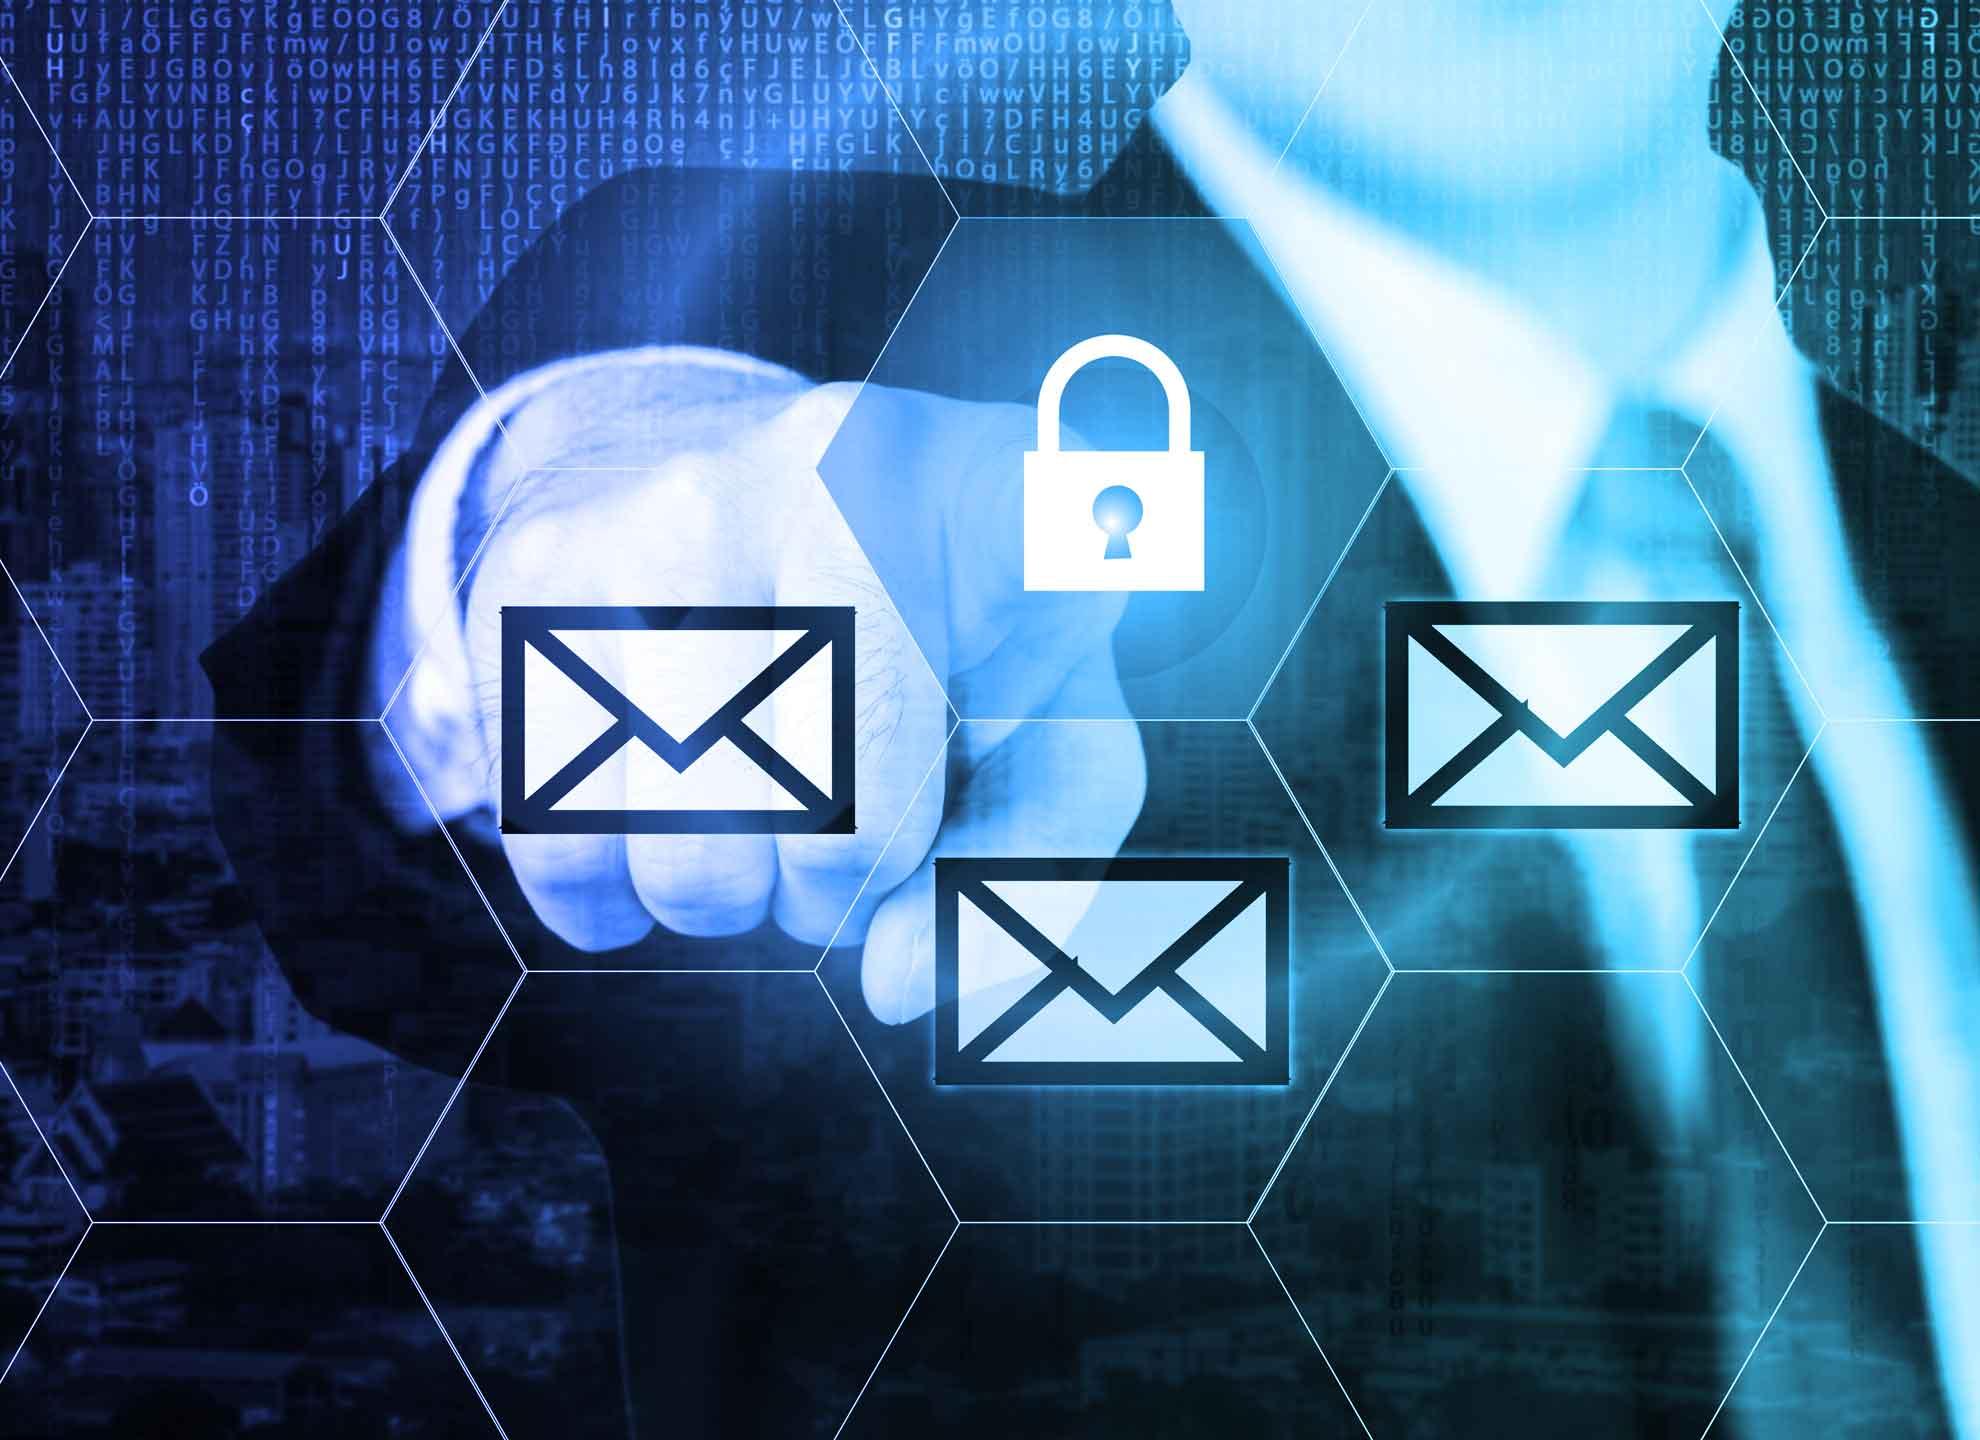 Filtrage de la boîte de réception et analyse sécuritaire